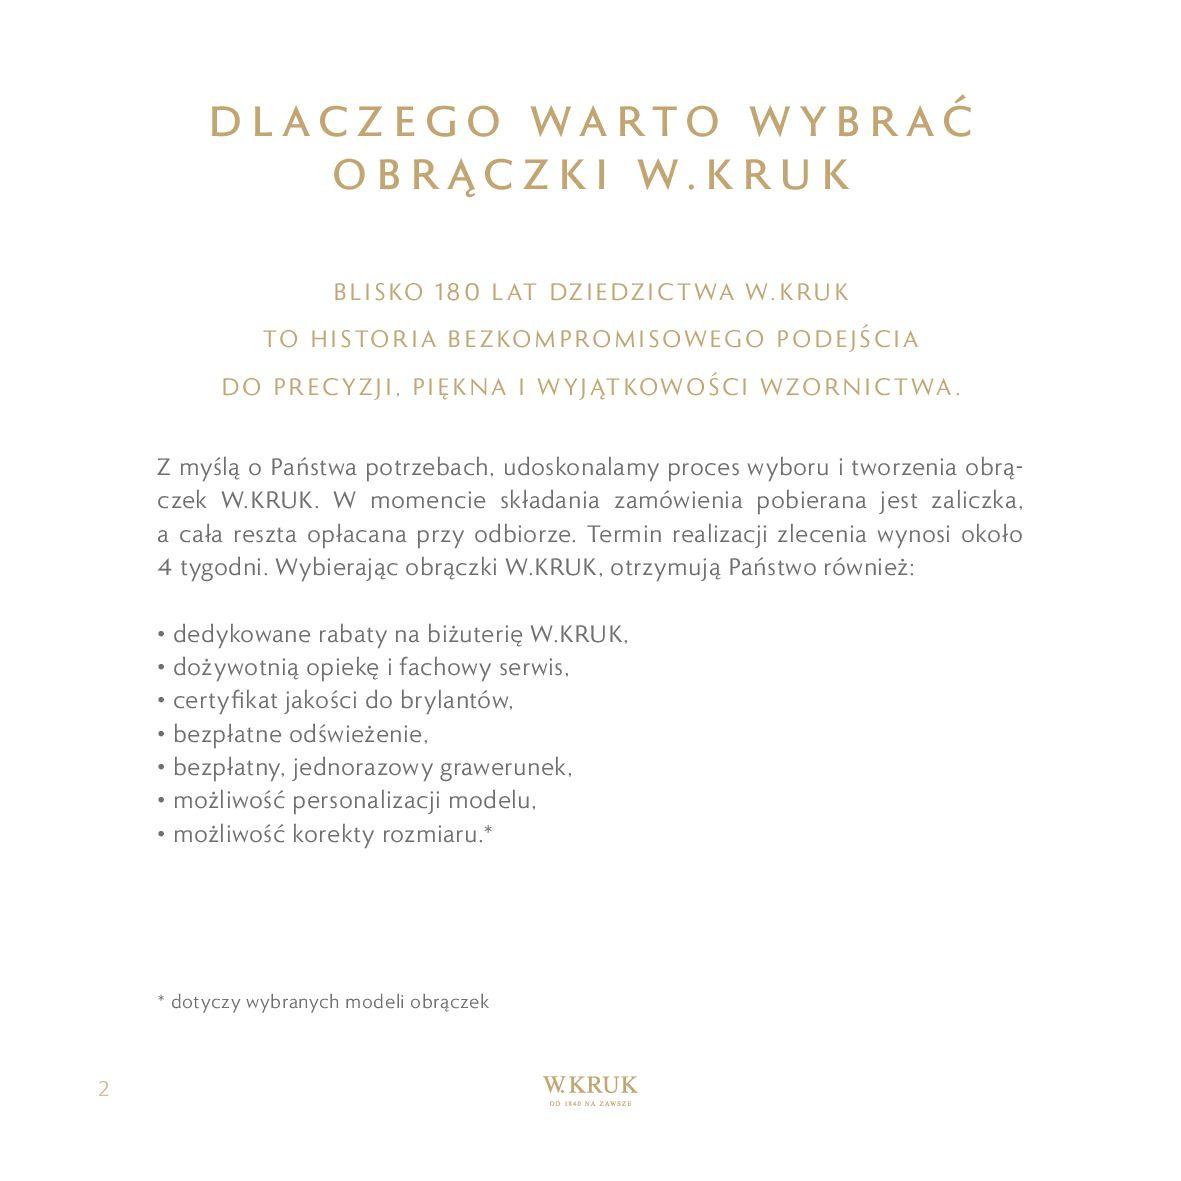 Gazetka W. KRUK: Katalog - Obrączki 2021-02-17 page-4